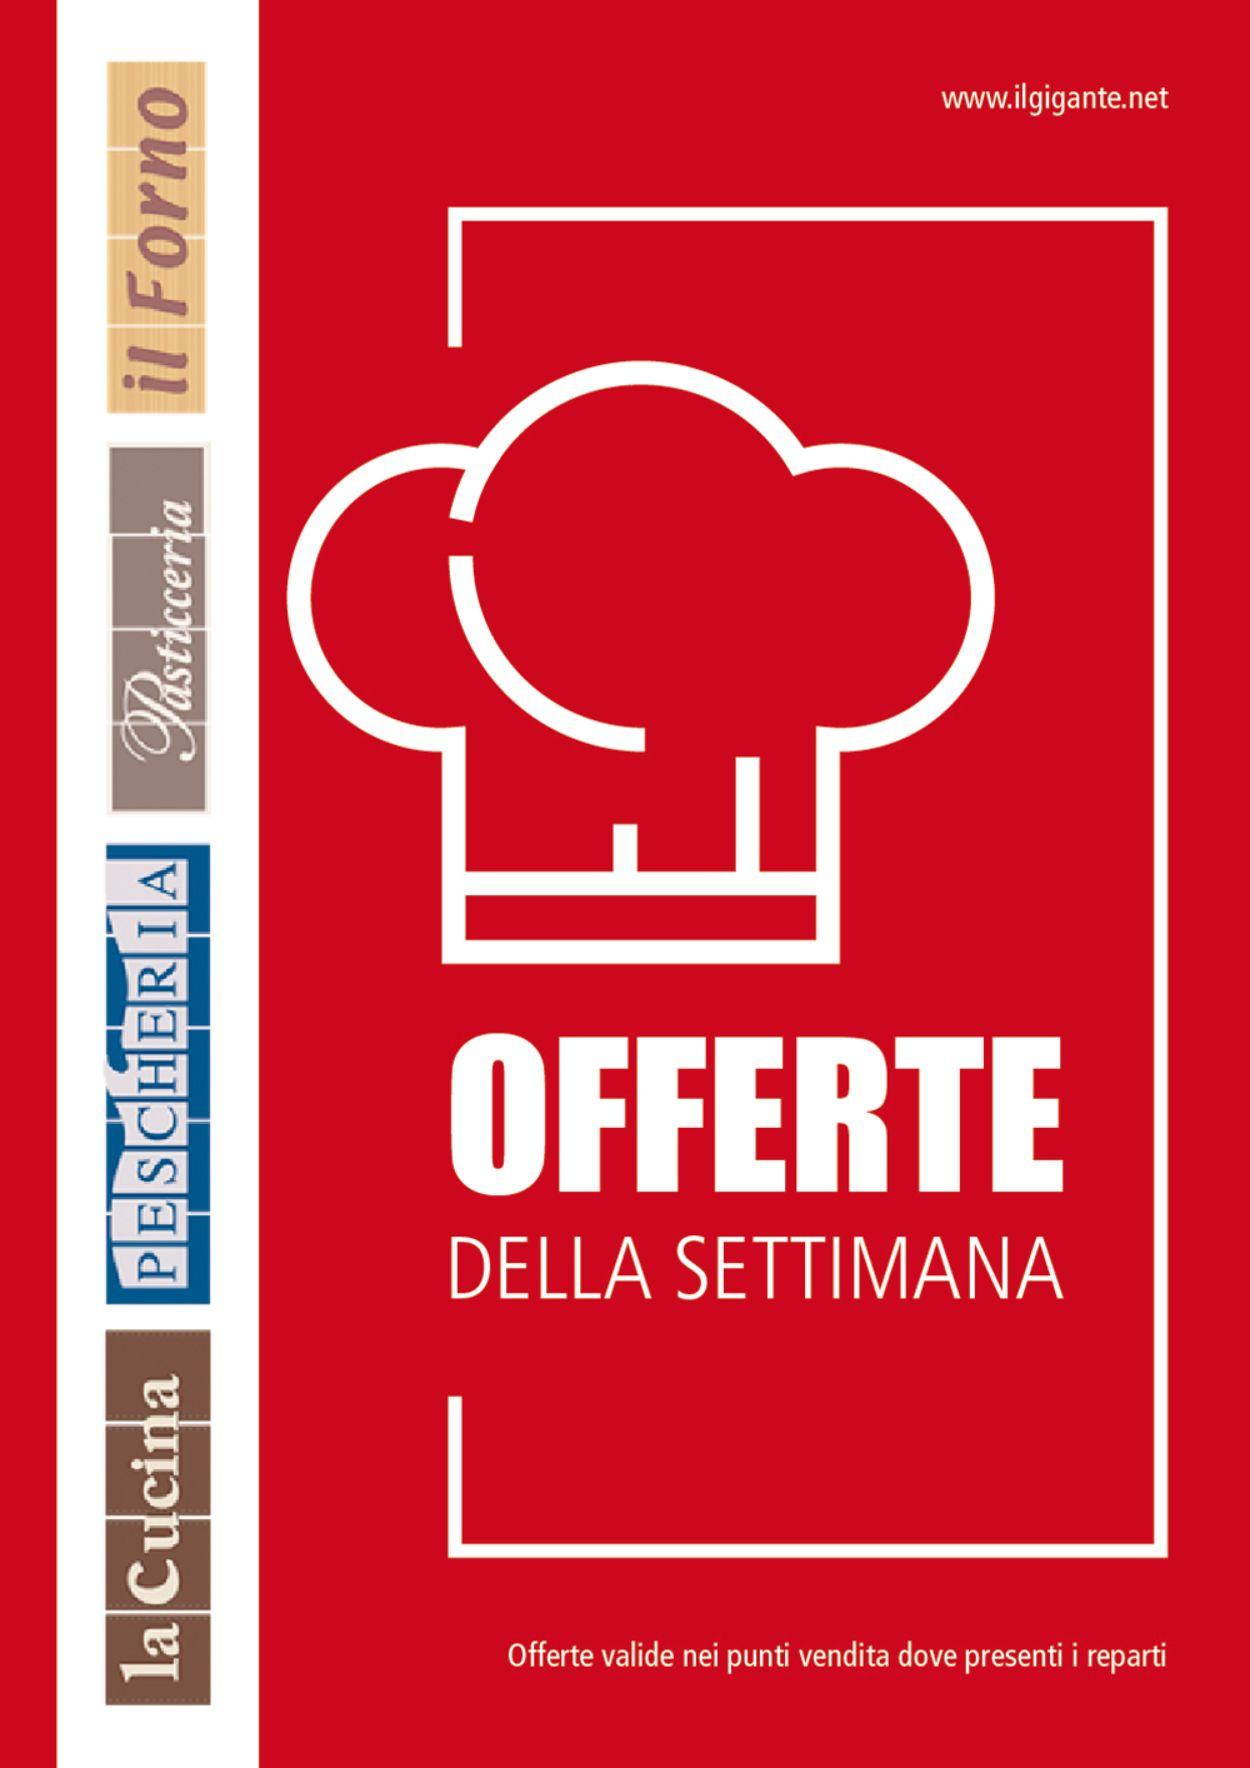 Volantino Il Gigante - Offerte 26/02-04/03/2020